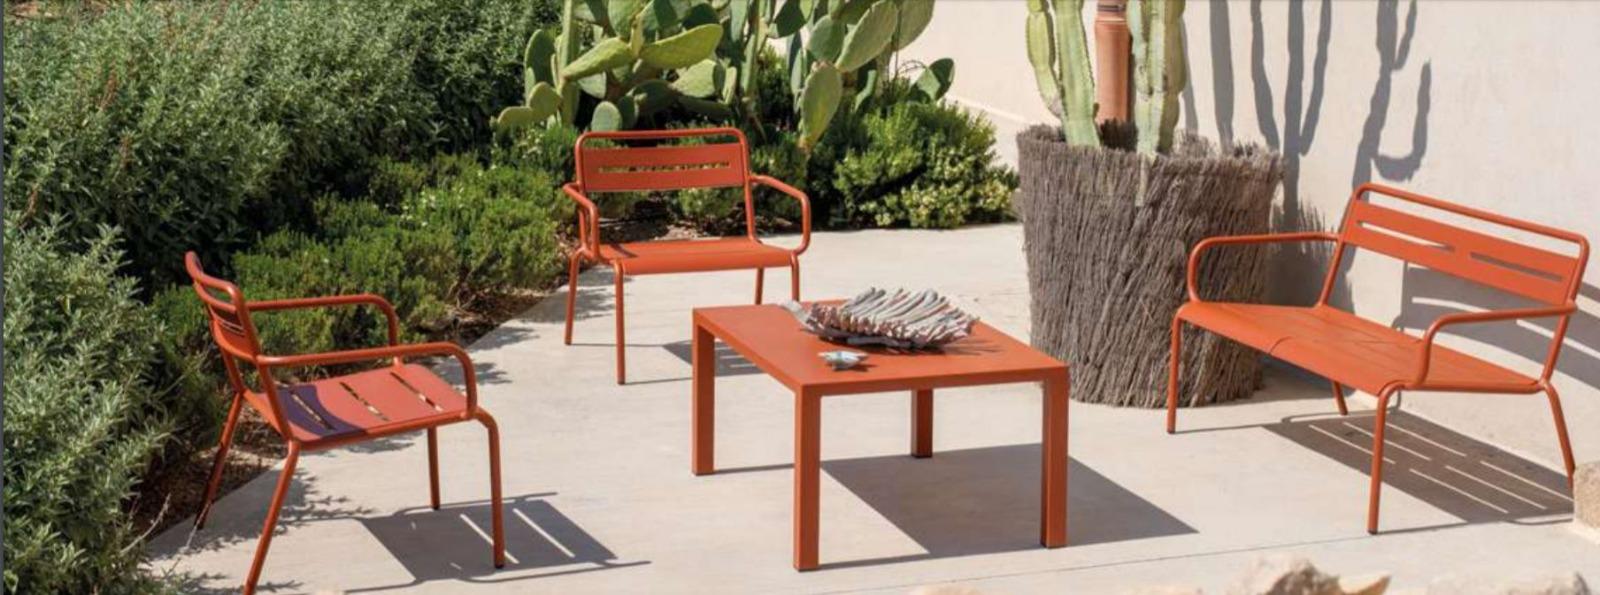 Mobiliario exterior de jardín